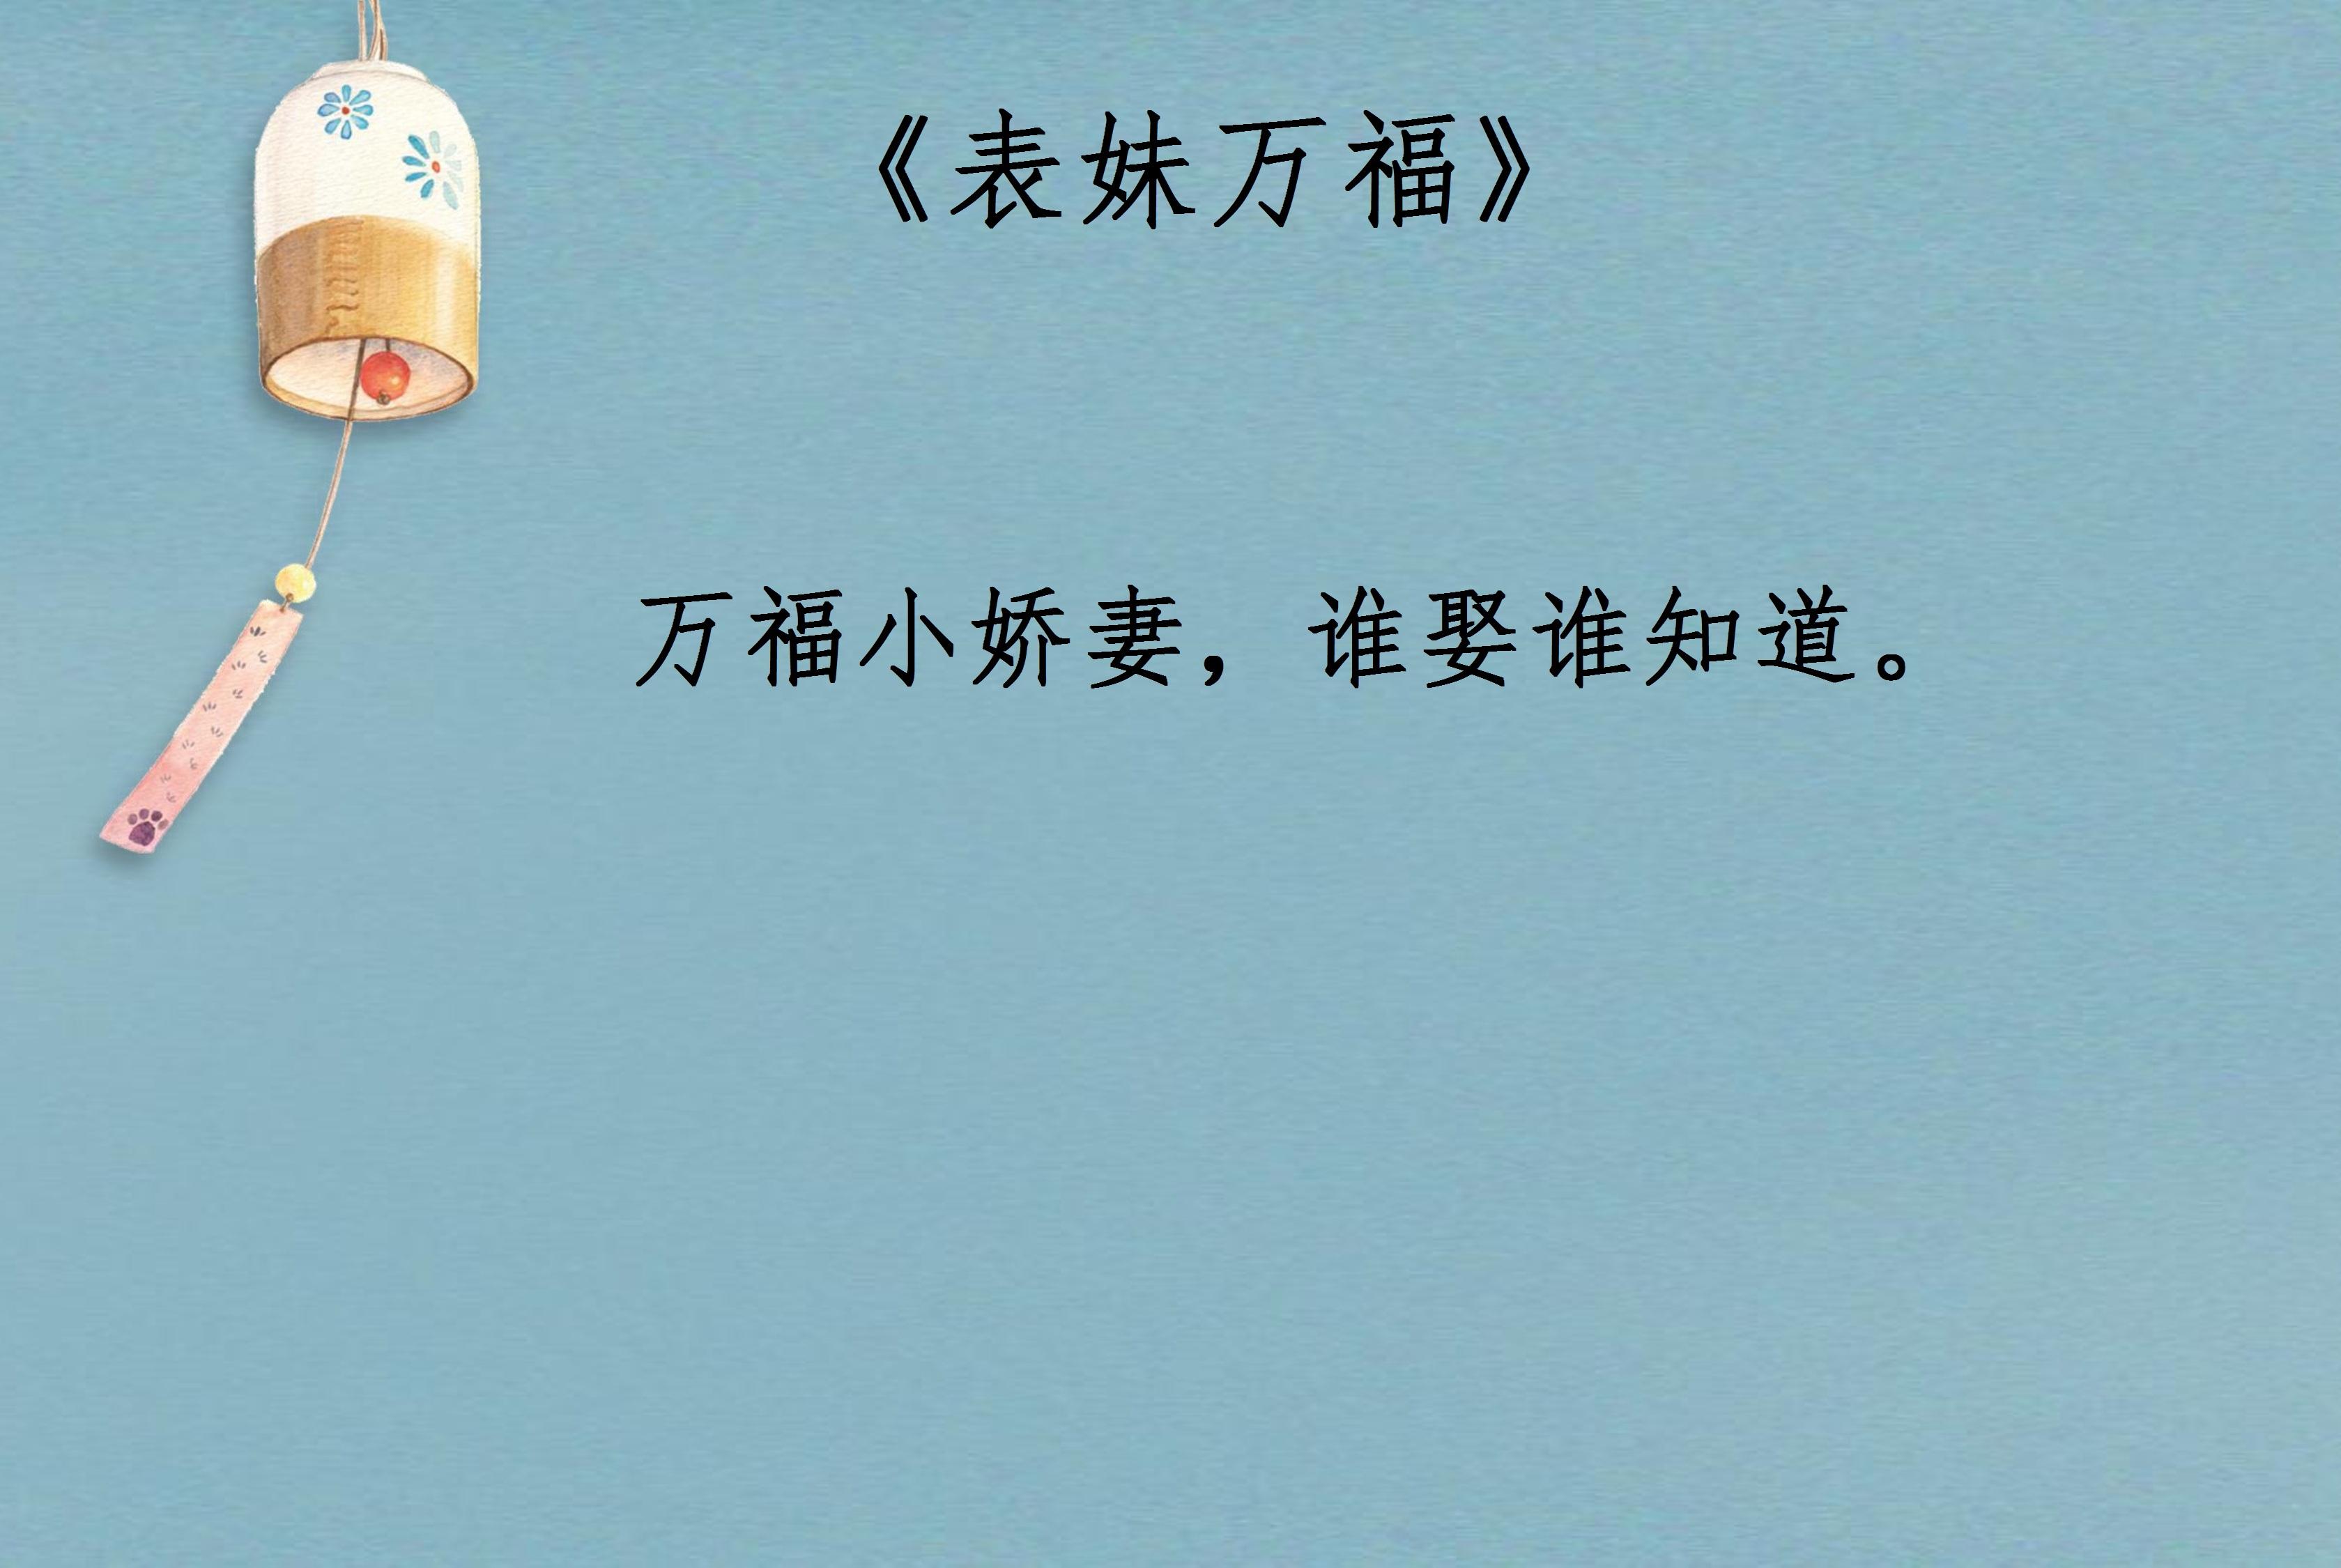 蓬莱客5部冷门小说,除了《折腰》,这几本同样别错过